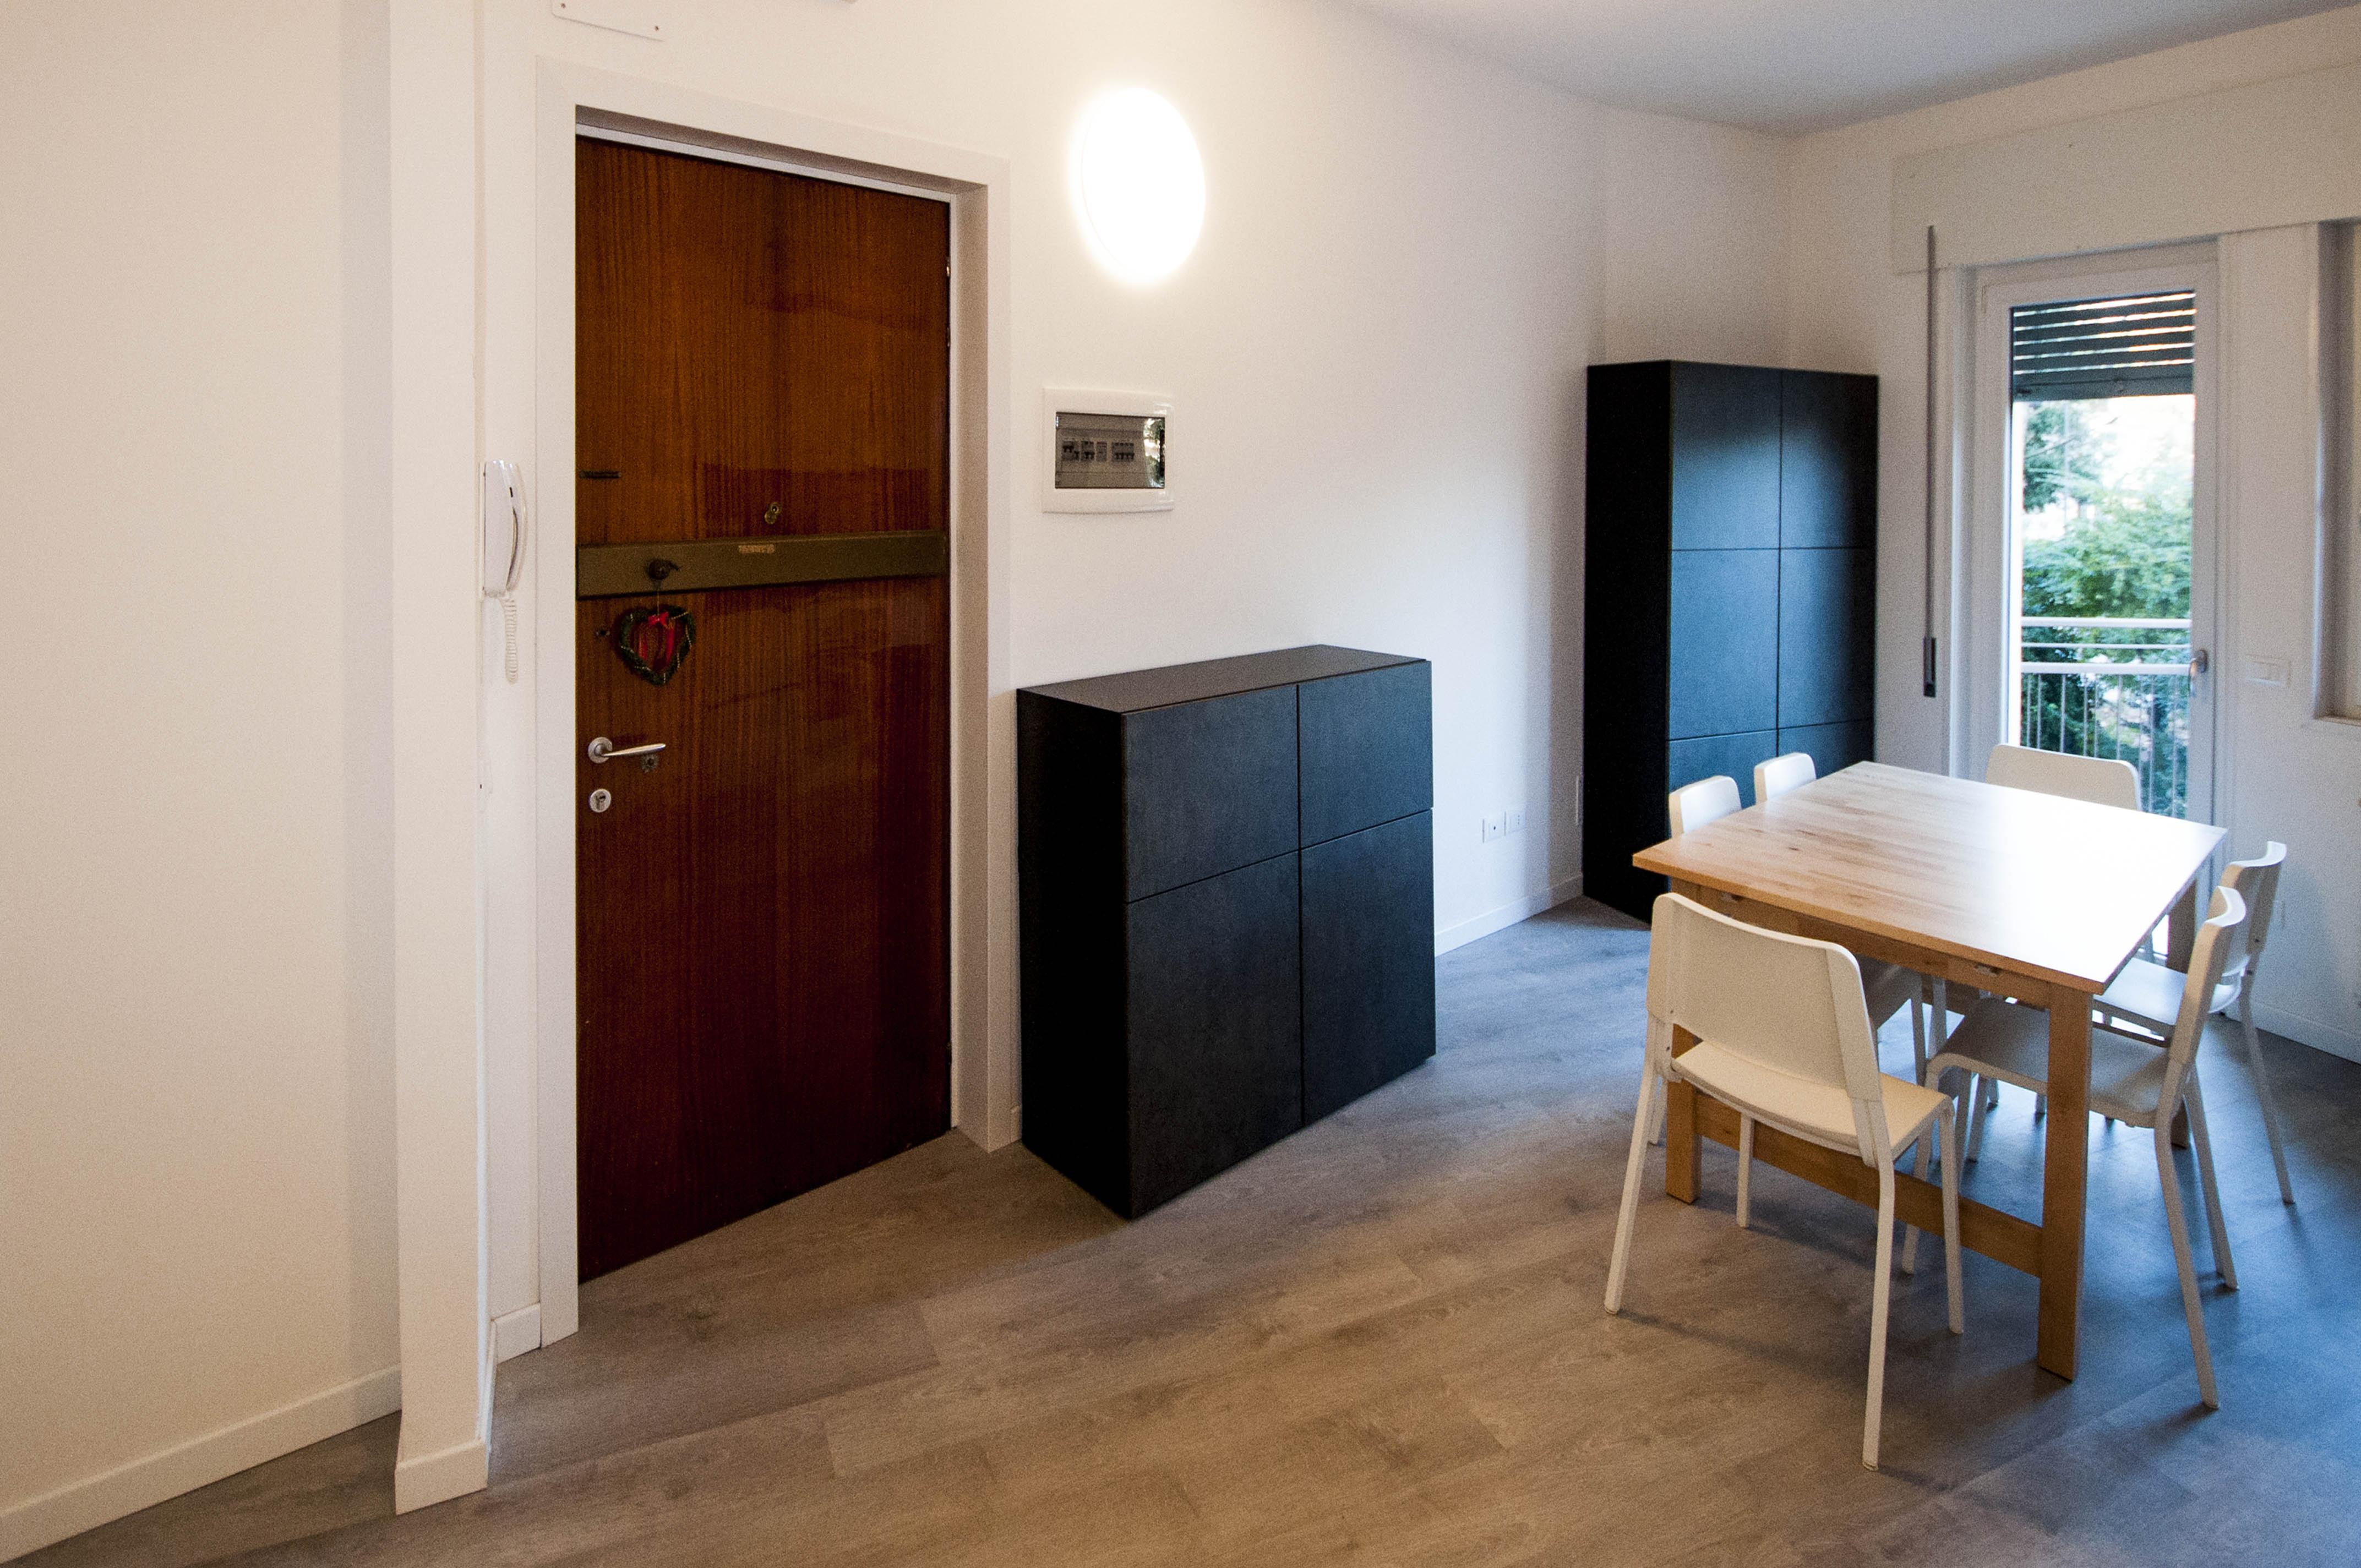 Camere in affitto-Treviso-Ospedale-Stazione-Studio-Architettura-Zanatta_12